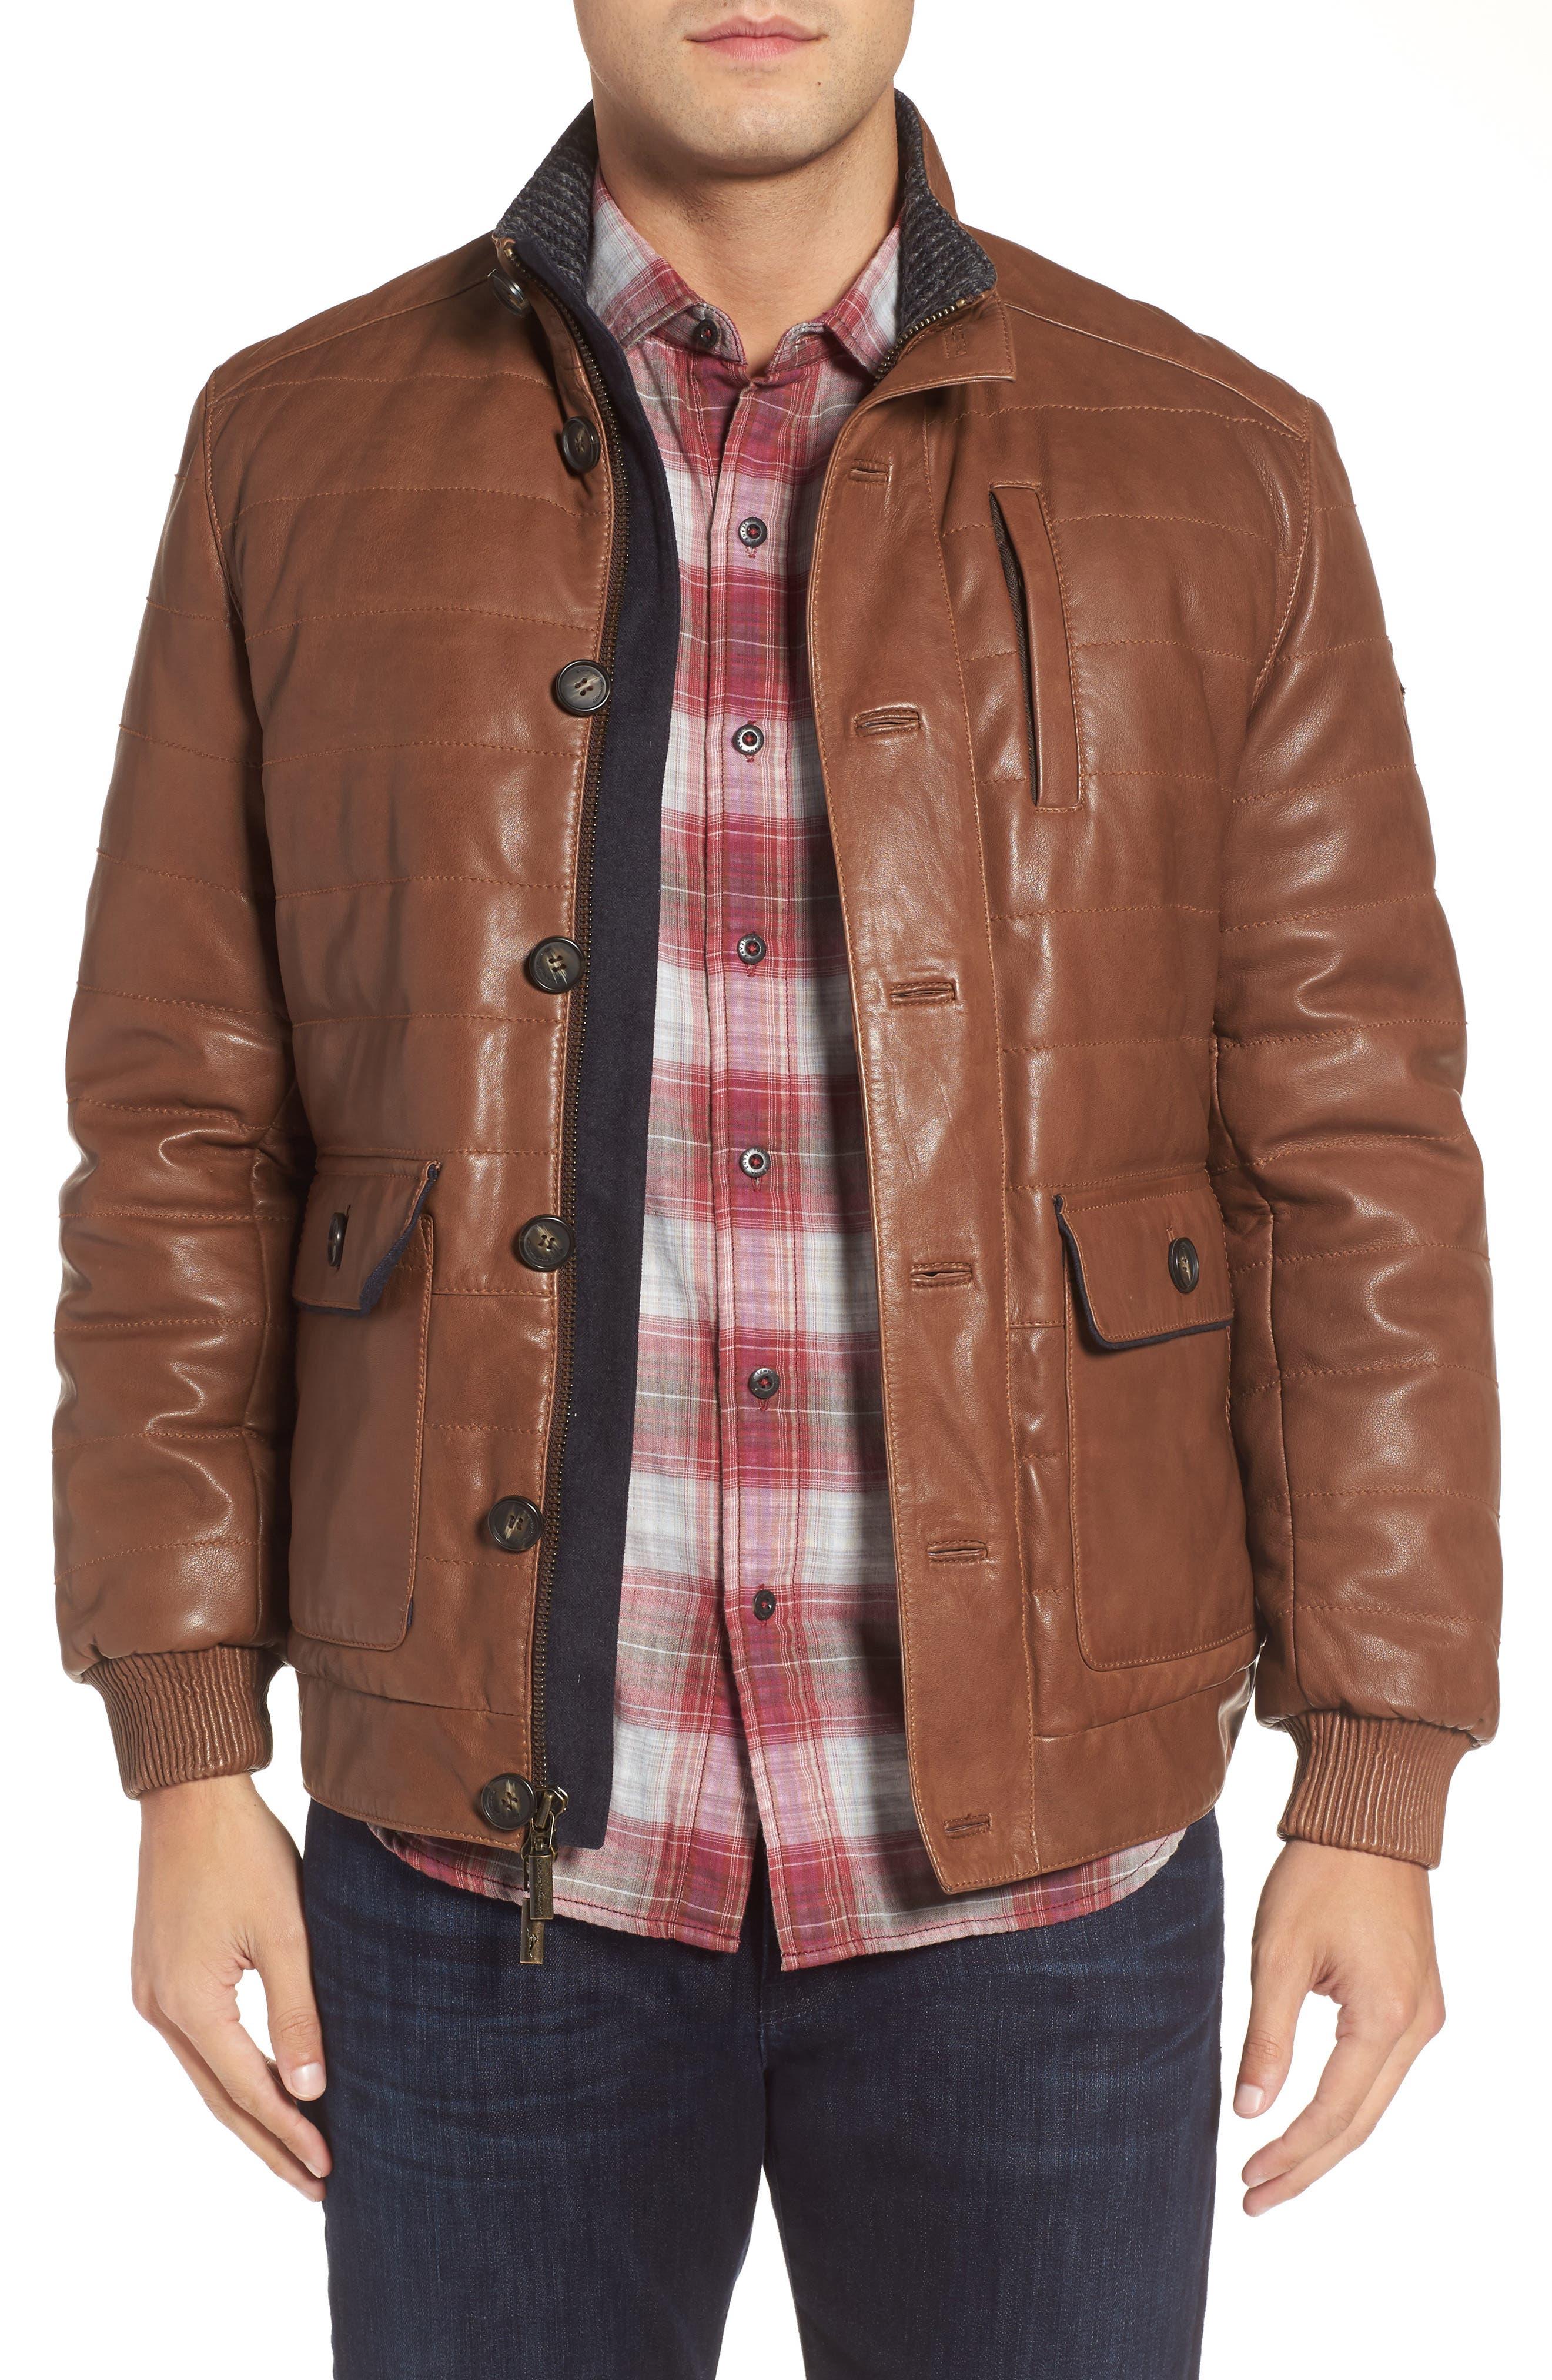 Tommy Bahama Snowside Leather Bomber Jacket